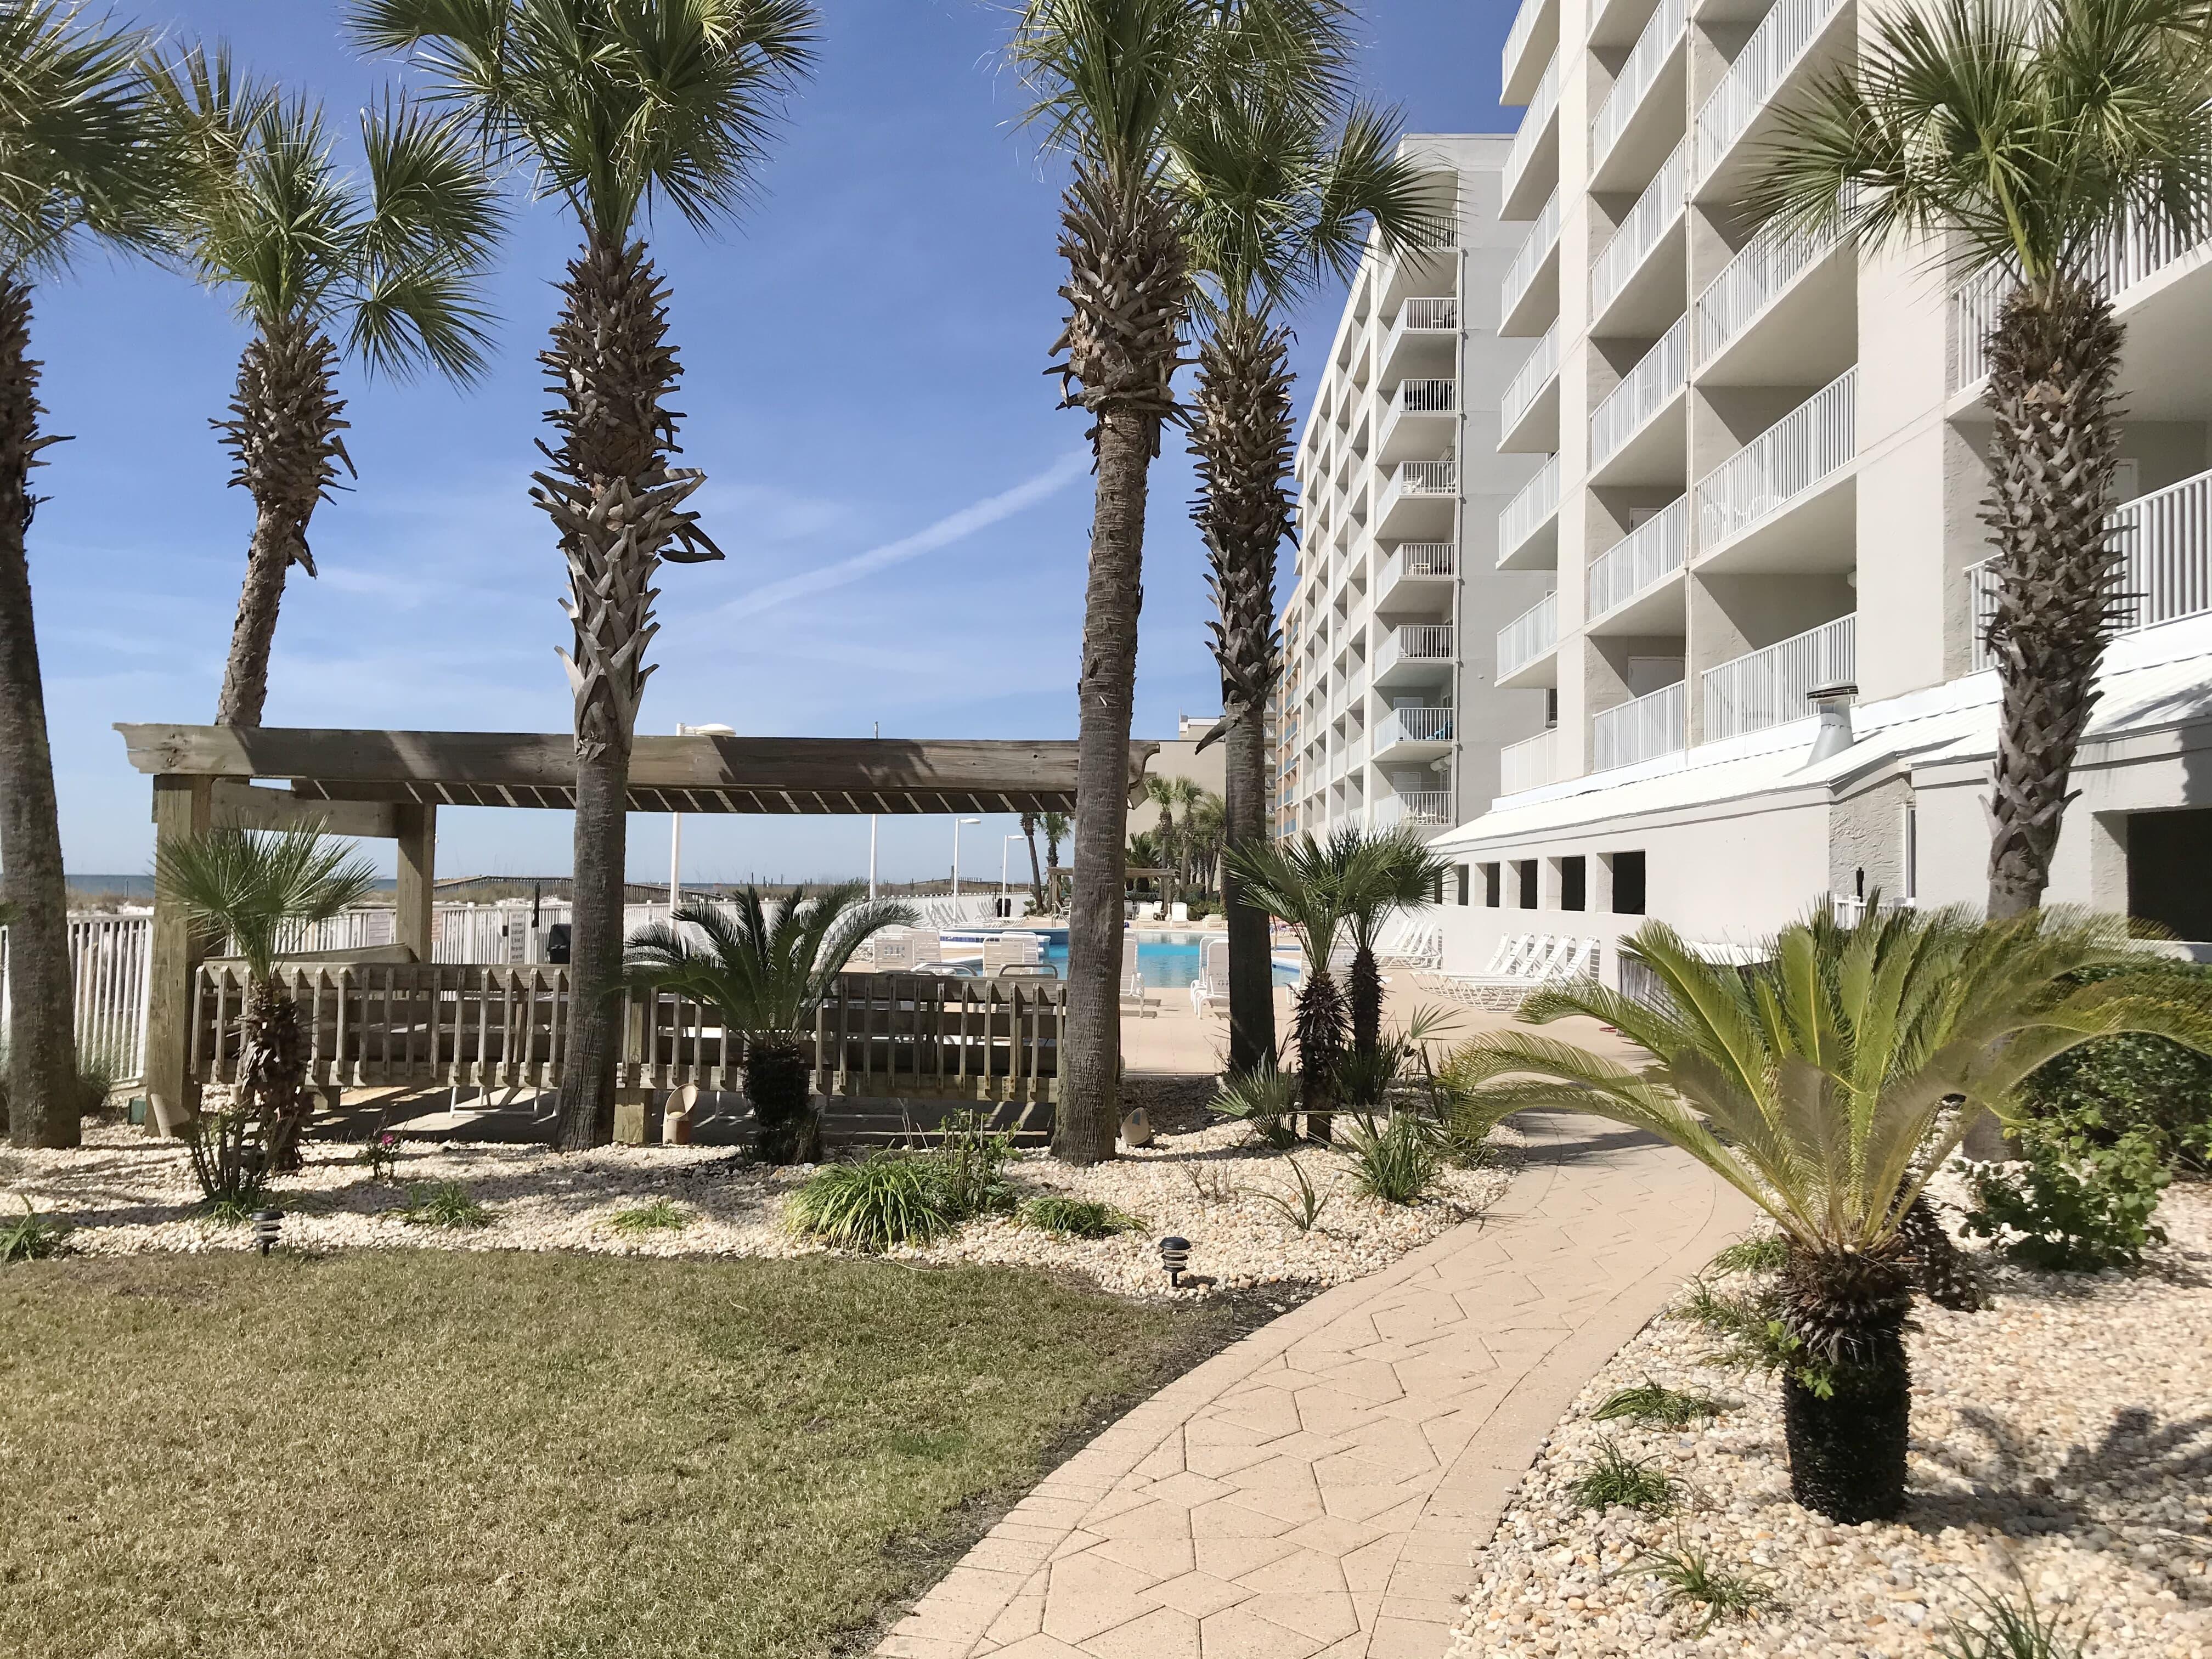 Ocean House 2306 Condo rental in Ocean House - Gulf Shores in Gulf Shores Alabama - #51